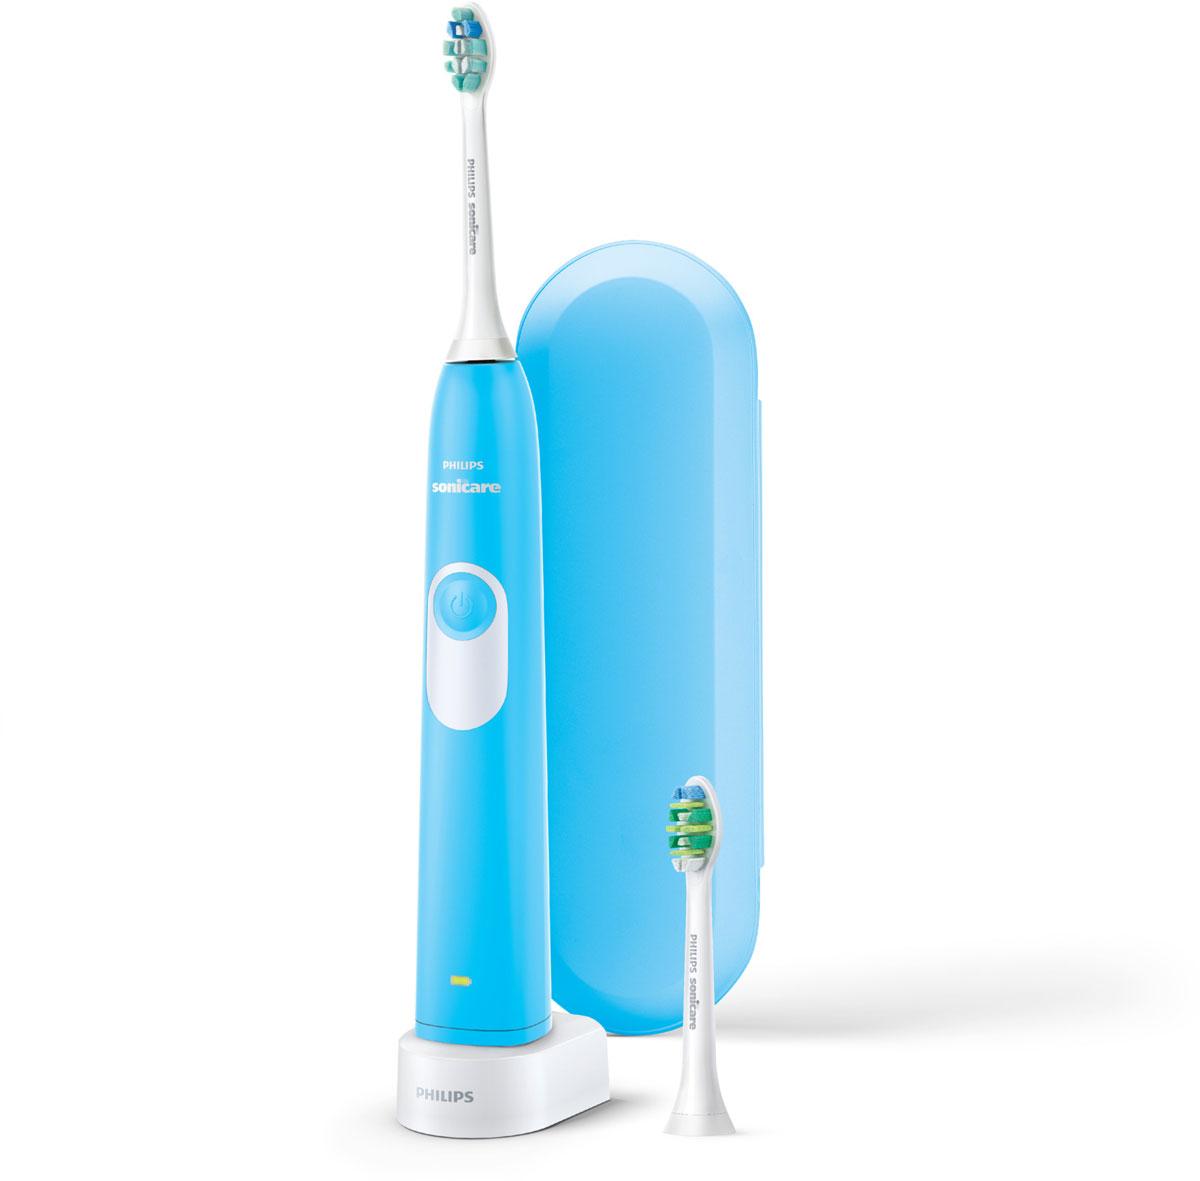 Philips Sonicare HX6212/87 электрическая зубная щеткаHX6212/87Белоснежные и здоровые зубы для ослепительной улыбки. Звуковая зубная щётка Philips Sonicare для подростков - это тщательная чистка зубов и свежее дыхание.Удаляет до 7 раз больше налёта по сравнению с обычной зубной щеткой! Динамический поток, создаваемый щёткой Sonicare, очищает межзубные промежутки.Фиксируемая под углом к рукоятке чистящая насадка для качественной чистки труднодоступных участков. В комплекте две насадки для чистки зубов и дорожный чехол.Подходит для использования при наличии пломб, коронок, брекетов и других ортодонтических конструкций.